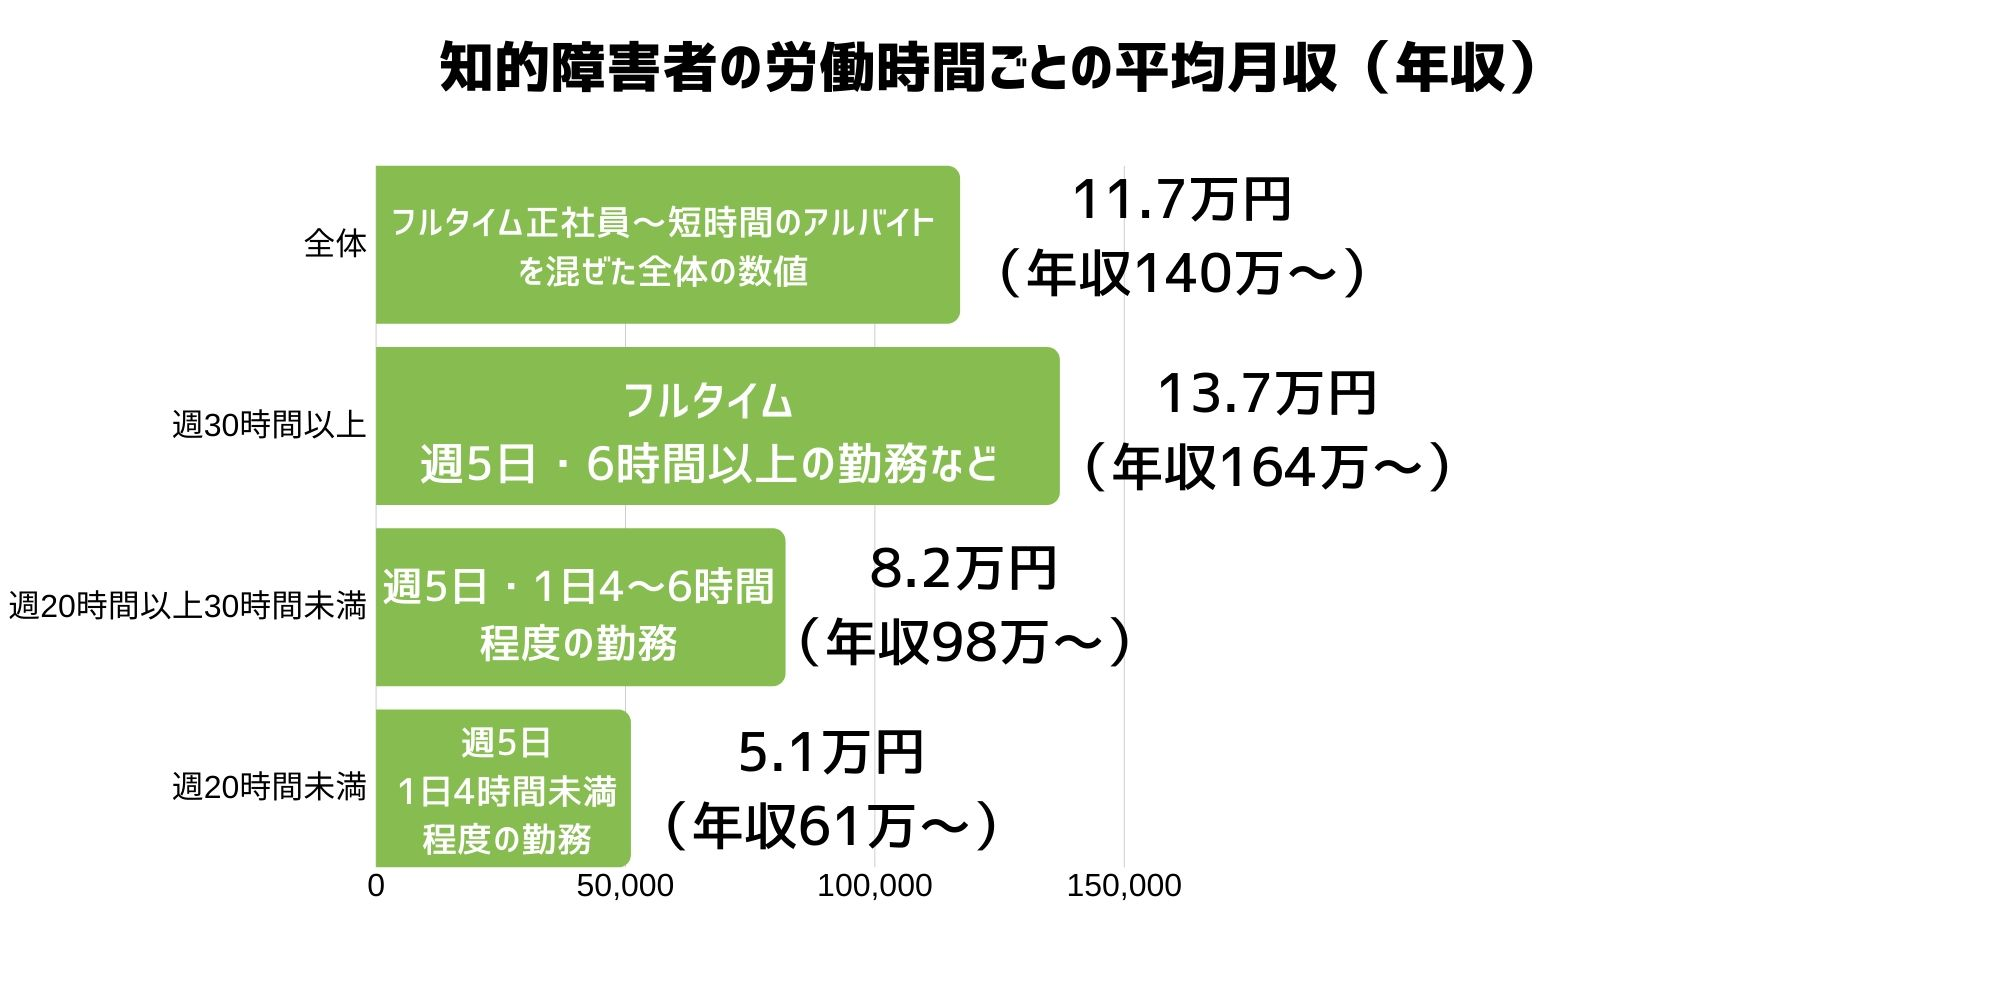 知的障害者の労働時間ごとの平均月収(年収)